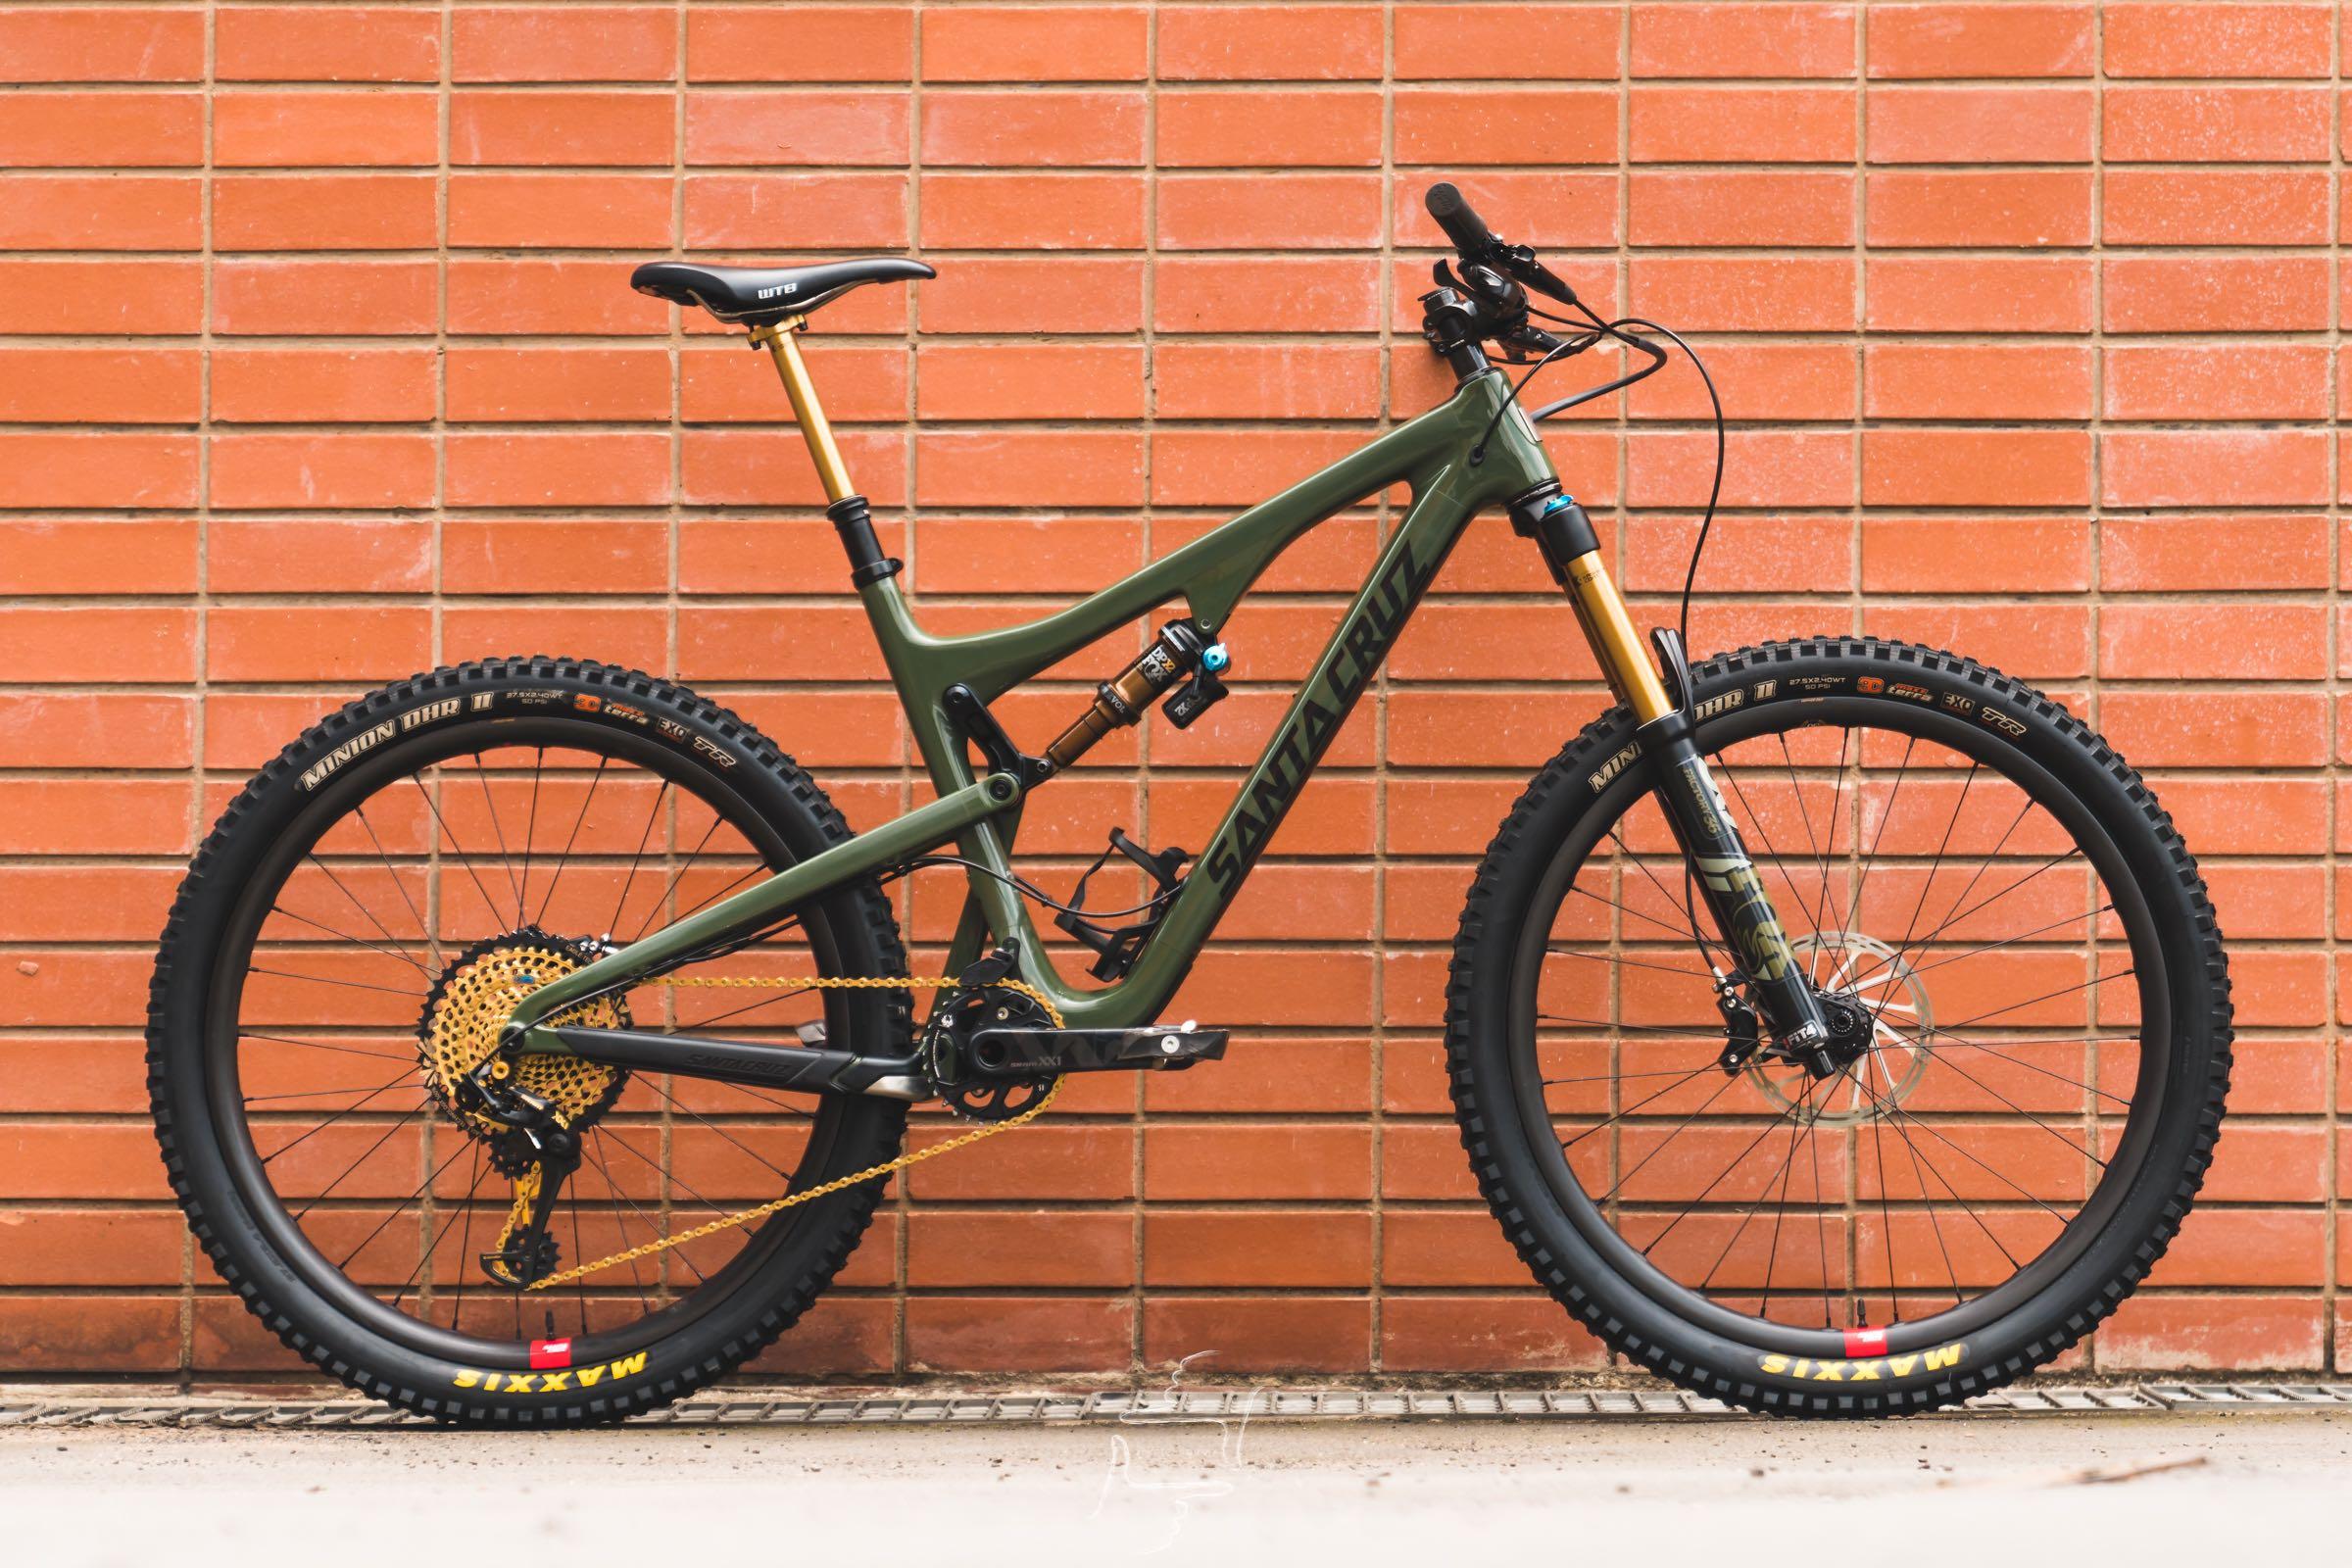 Bike check with Sam Bull's 2018 Santa Cruz Bronson Enduro MTB